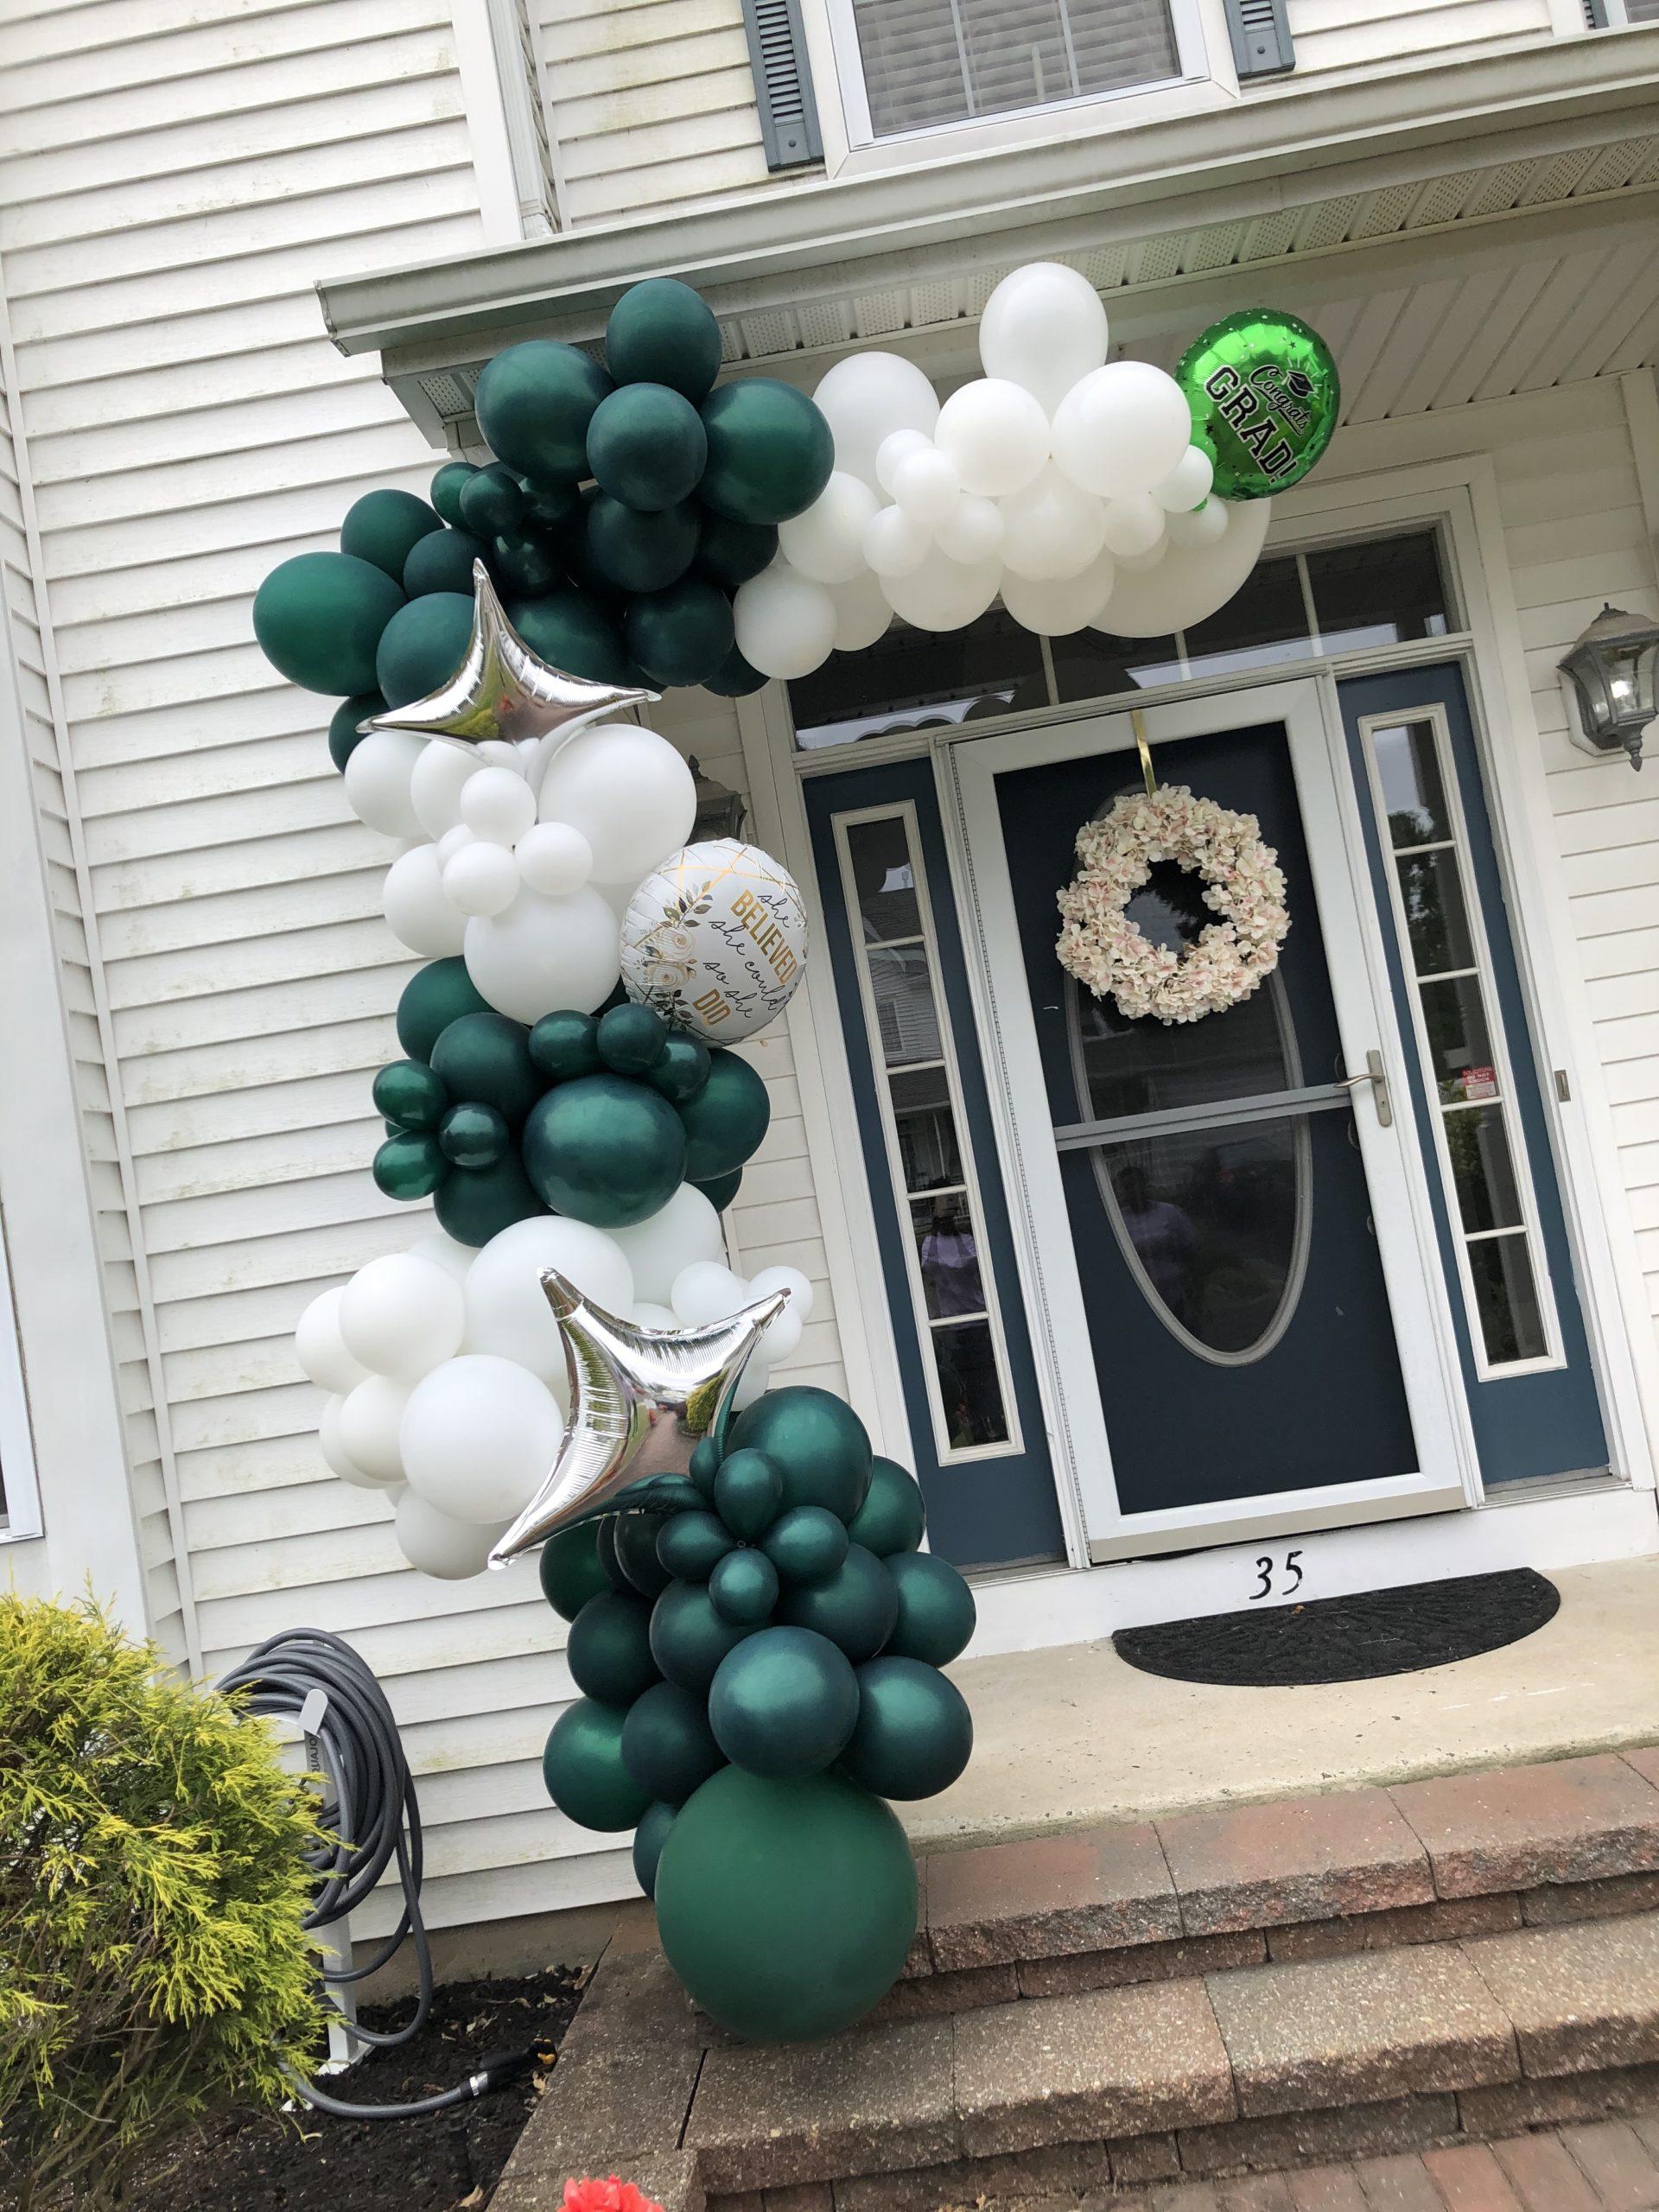 Balloon art!